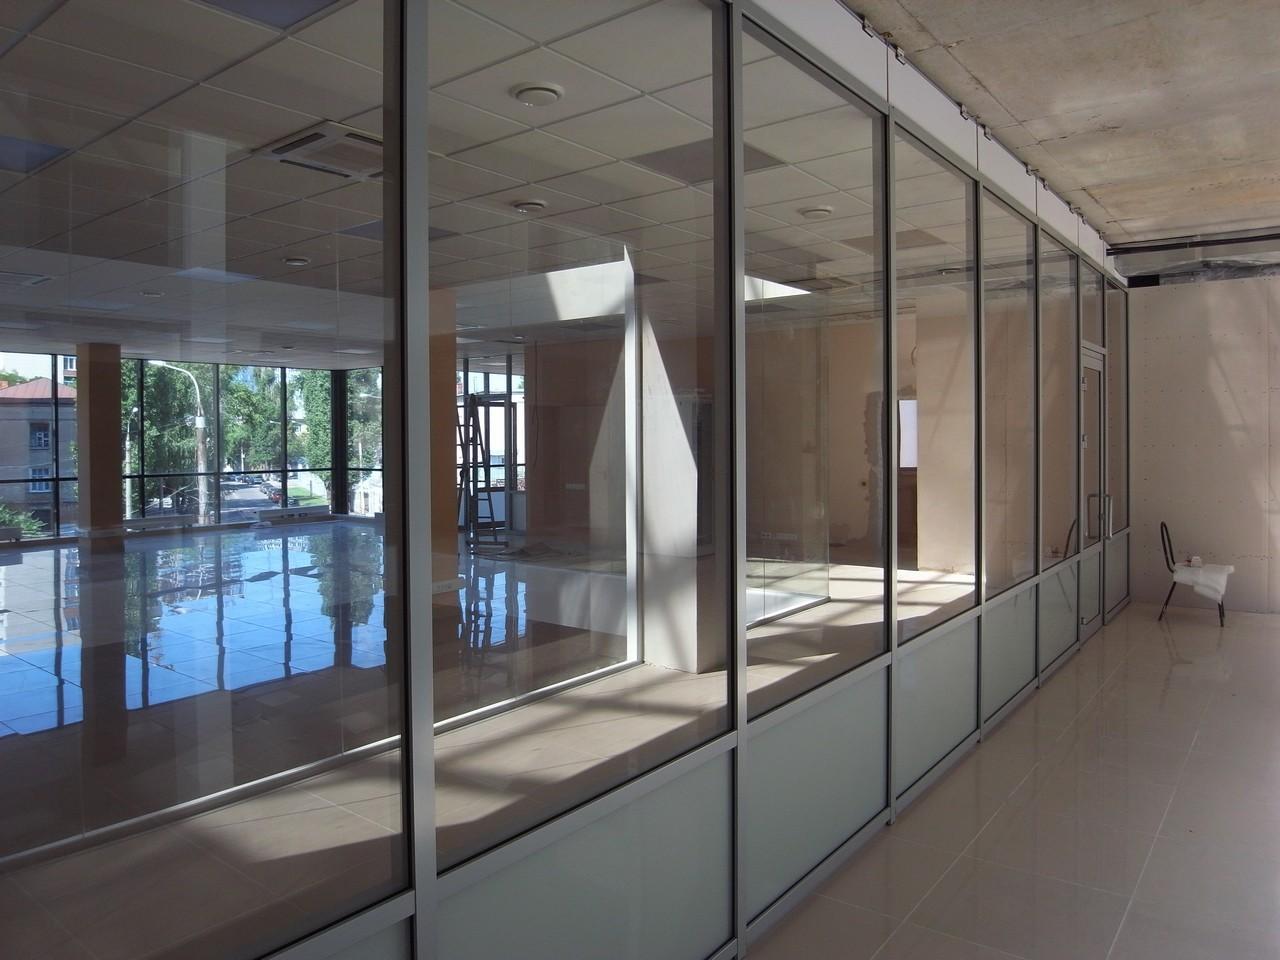 Предлагается к продаже офисное помещение, расположенное в Центральном  районе города Воронежа (район площади Заставы) в офисном здании 7a08ef23b05